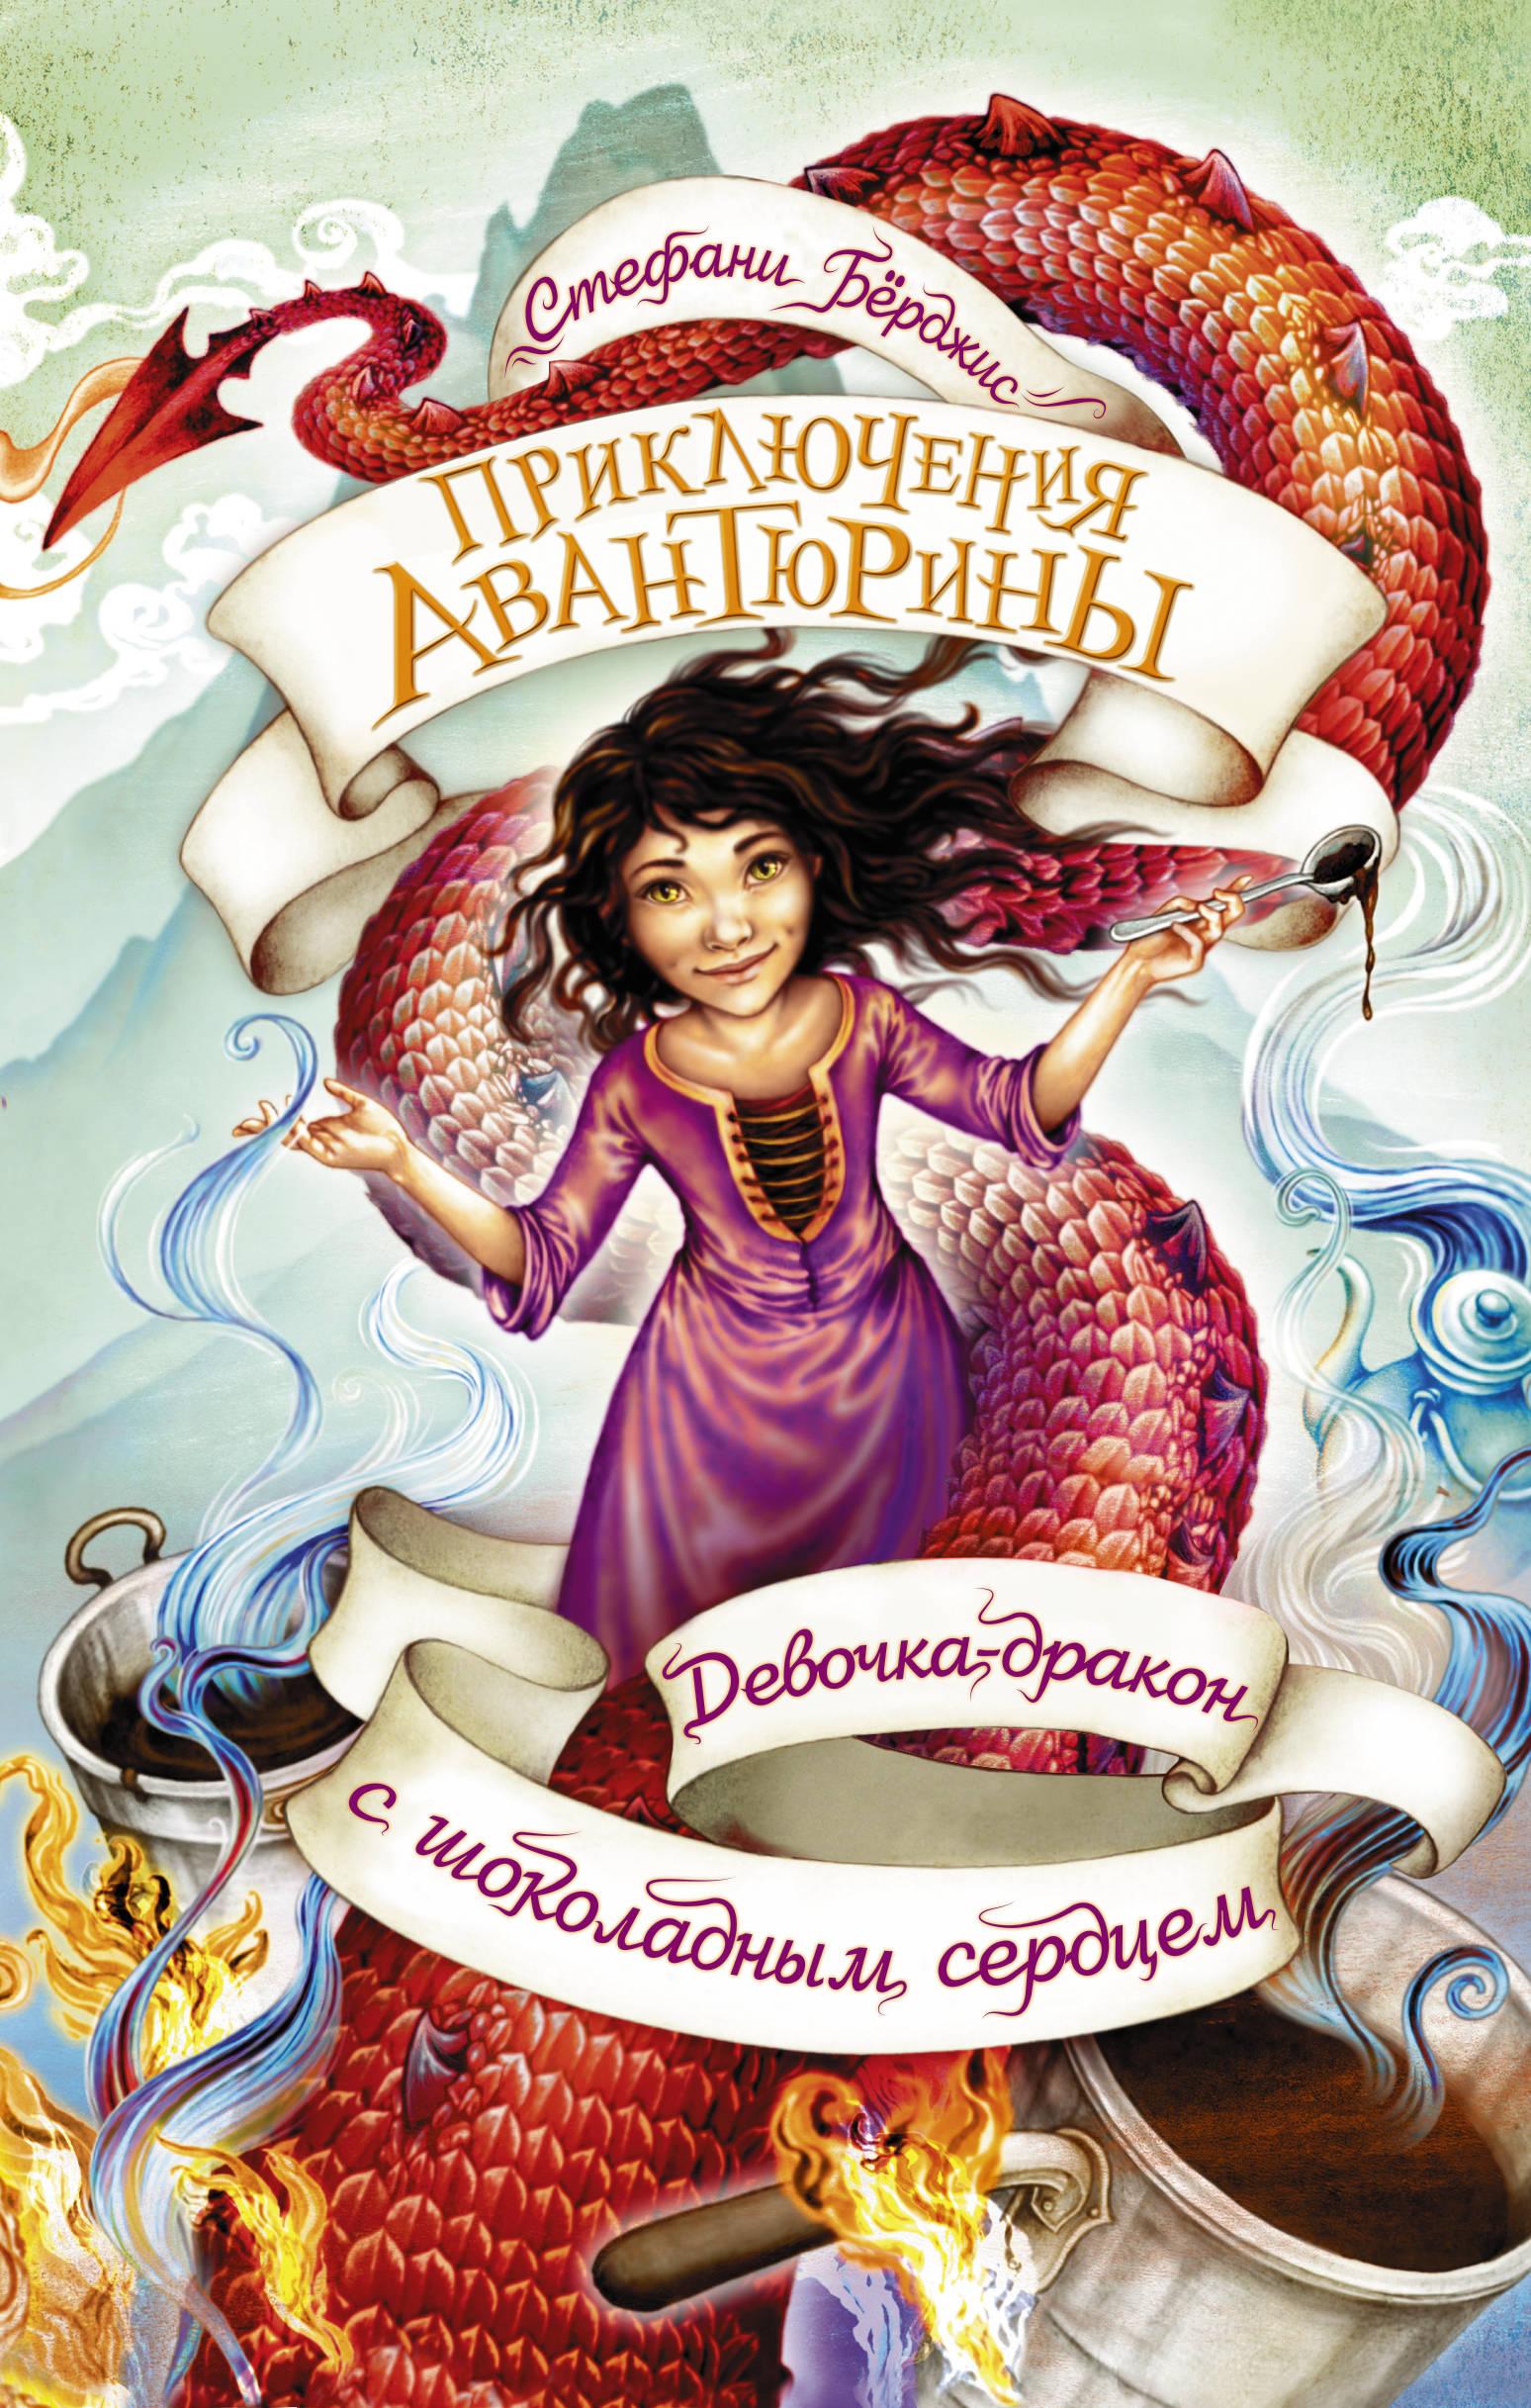 Стефани Бёрджис Девочка-дракон с шоколадным сердцем каплан м свен – храброе сердце